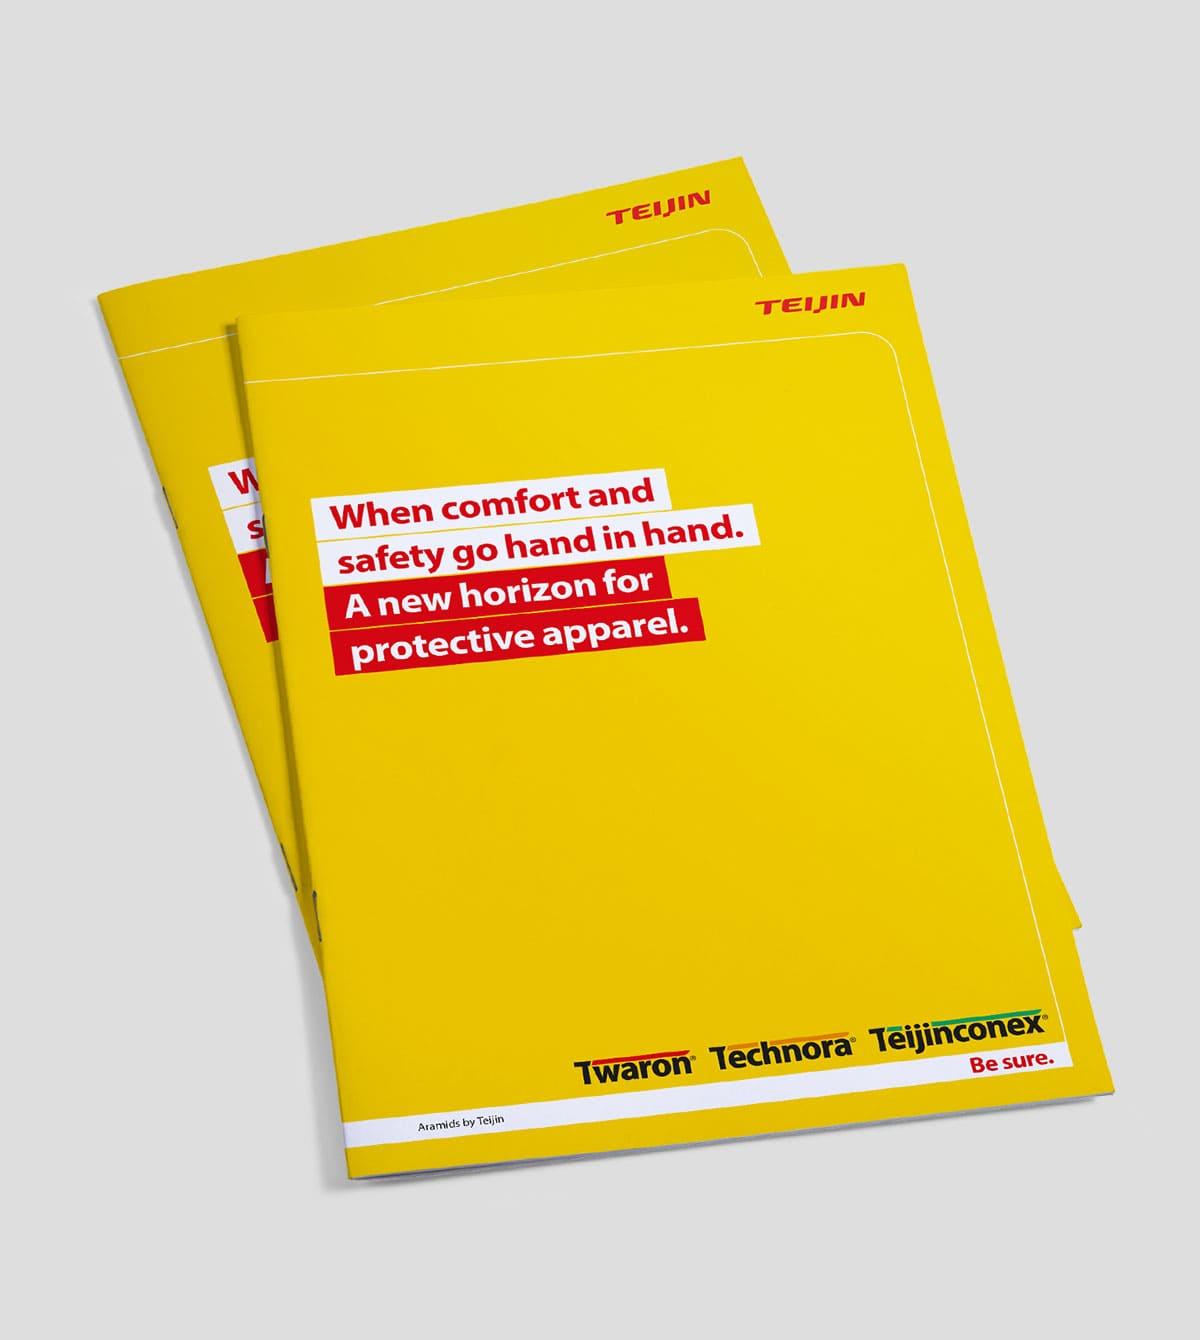 Whitepaper over safety in de vorm van een brochure als onderdeel van de Safety & Life protecion campagne